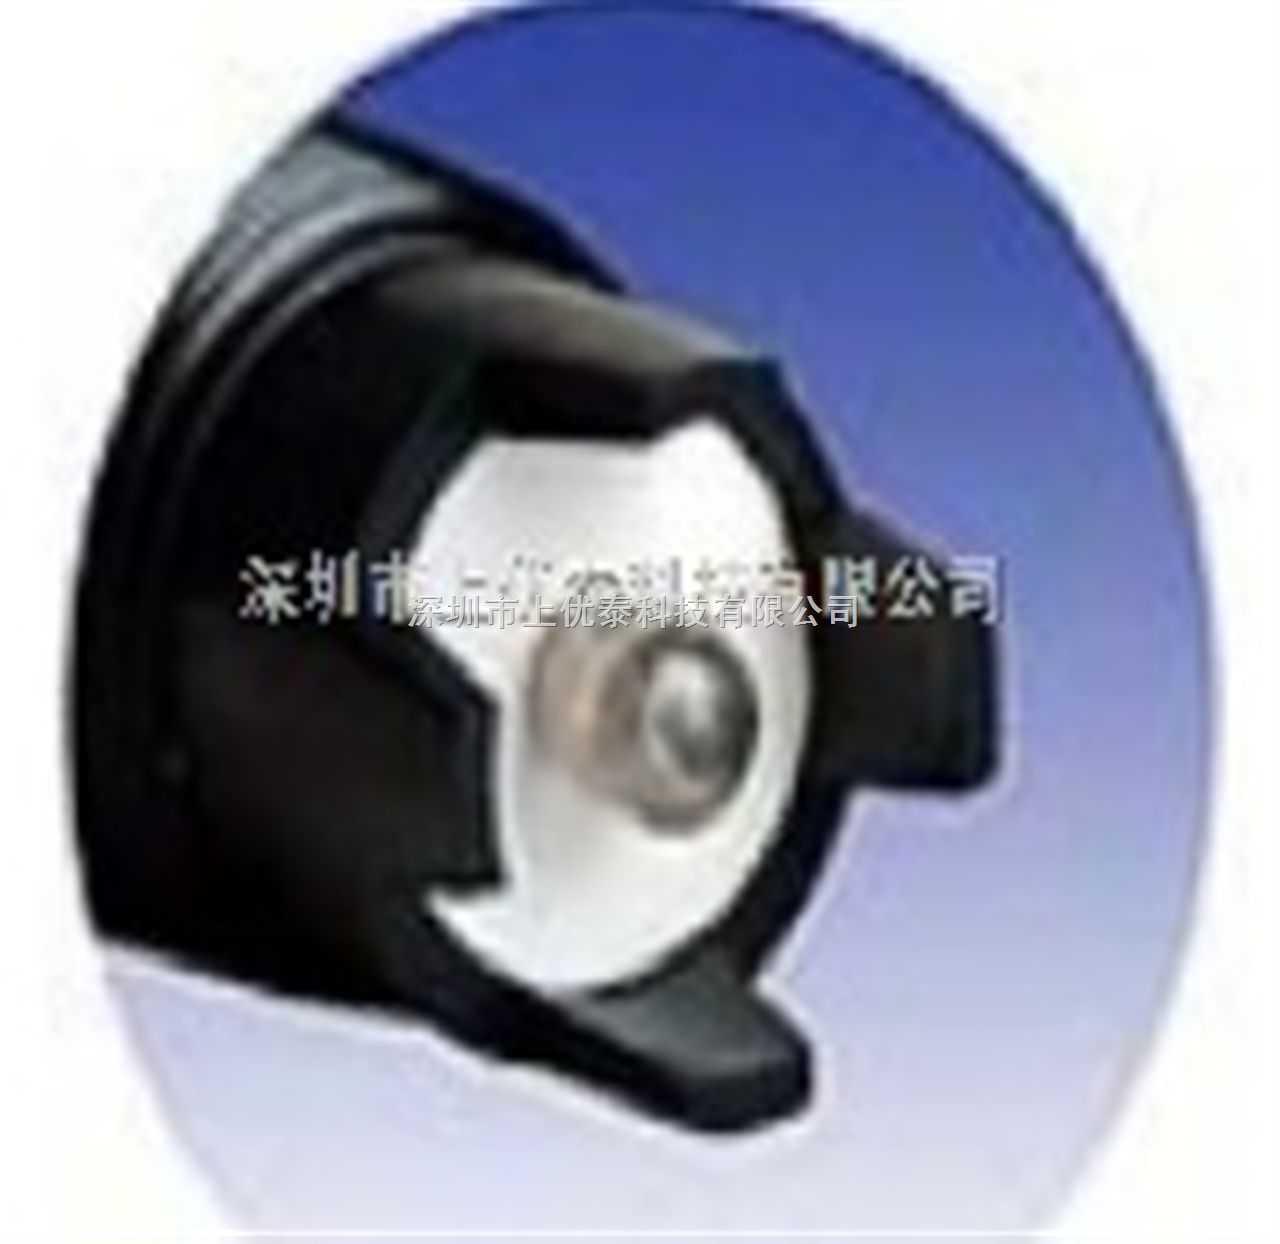 塑壳ORP电极,ORP复合电极,塑壳ORP复合电极